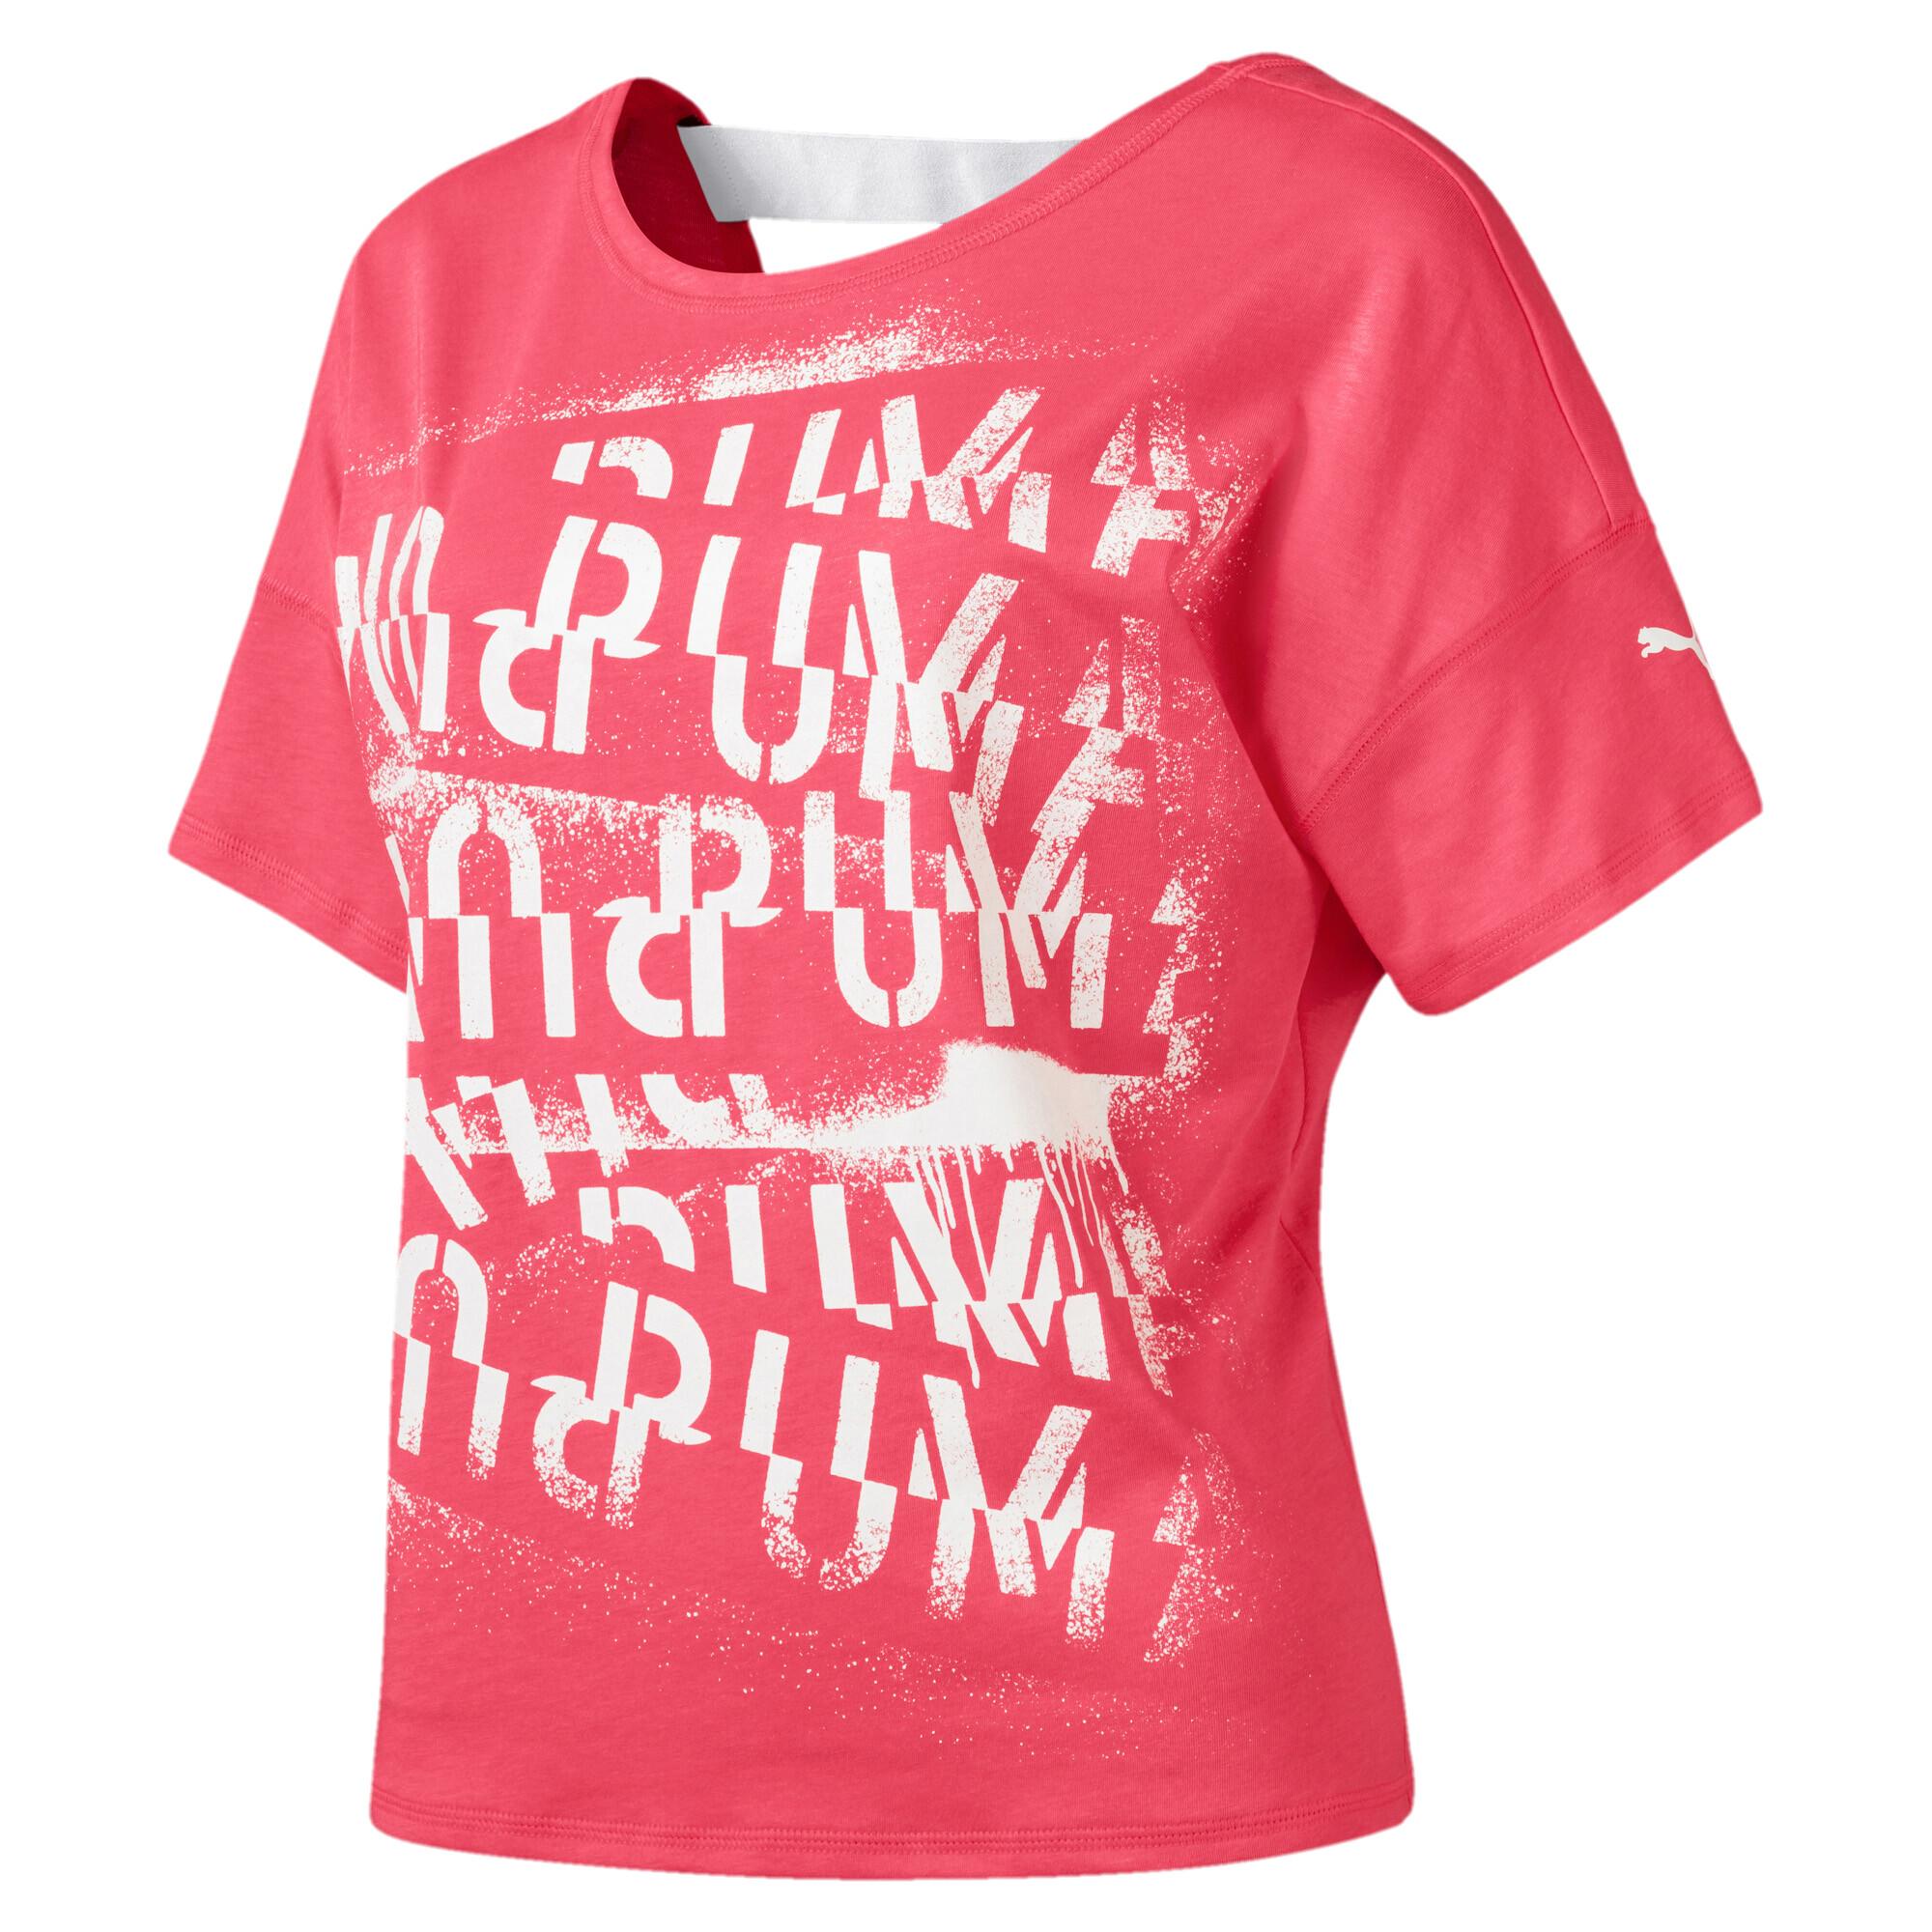 プーマ フィール イット SS ウィメンズ トレーニング Tシャツ 半袖 ウィメンズ Pink Alert